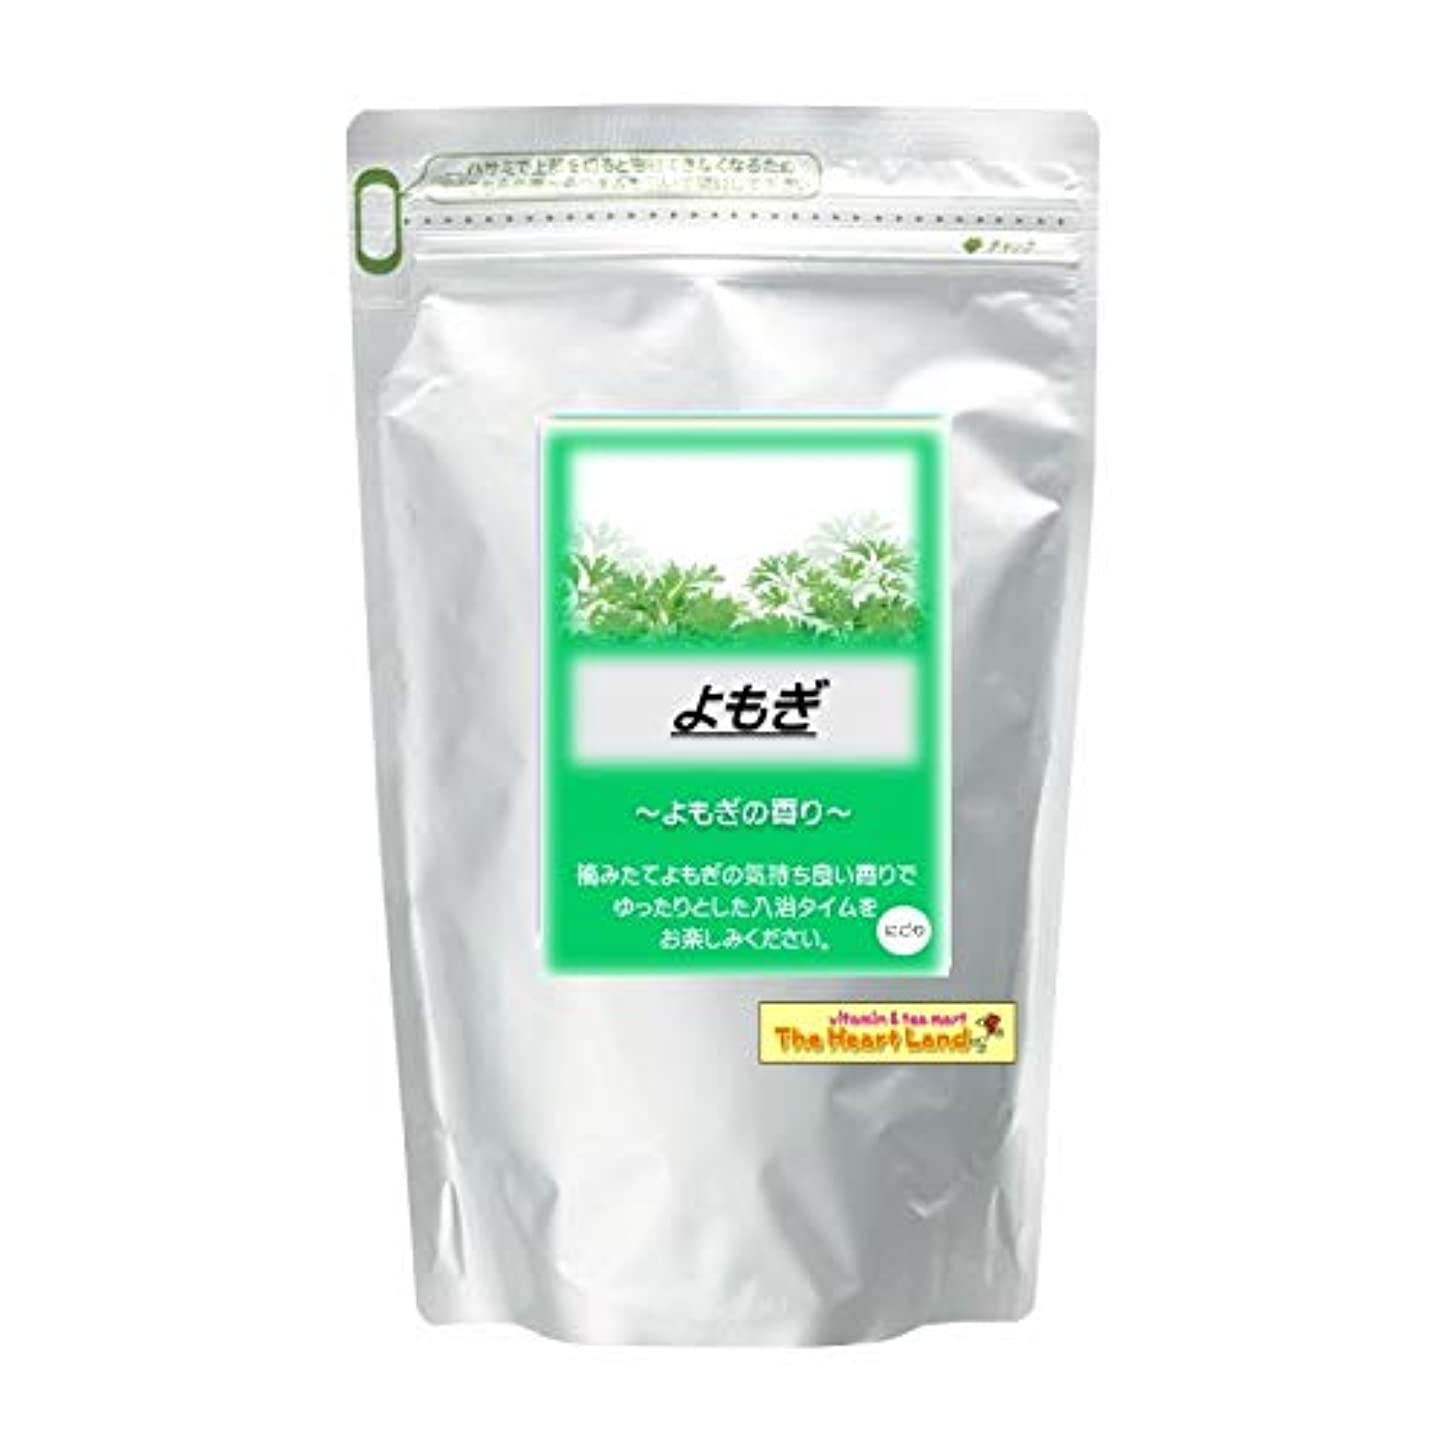 かんがい値下げ絡み合いアサヒ入浴剤 浴用入浴化粧品 よもぎ 2.5kg